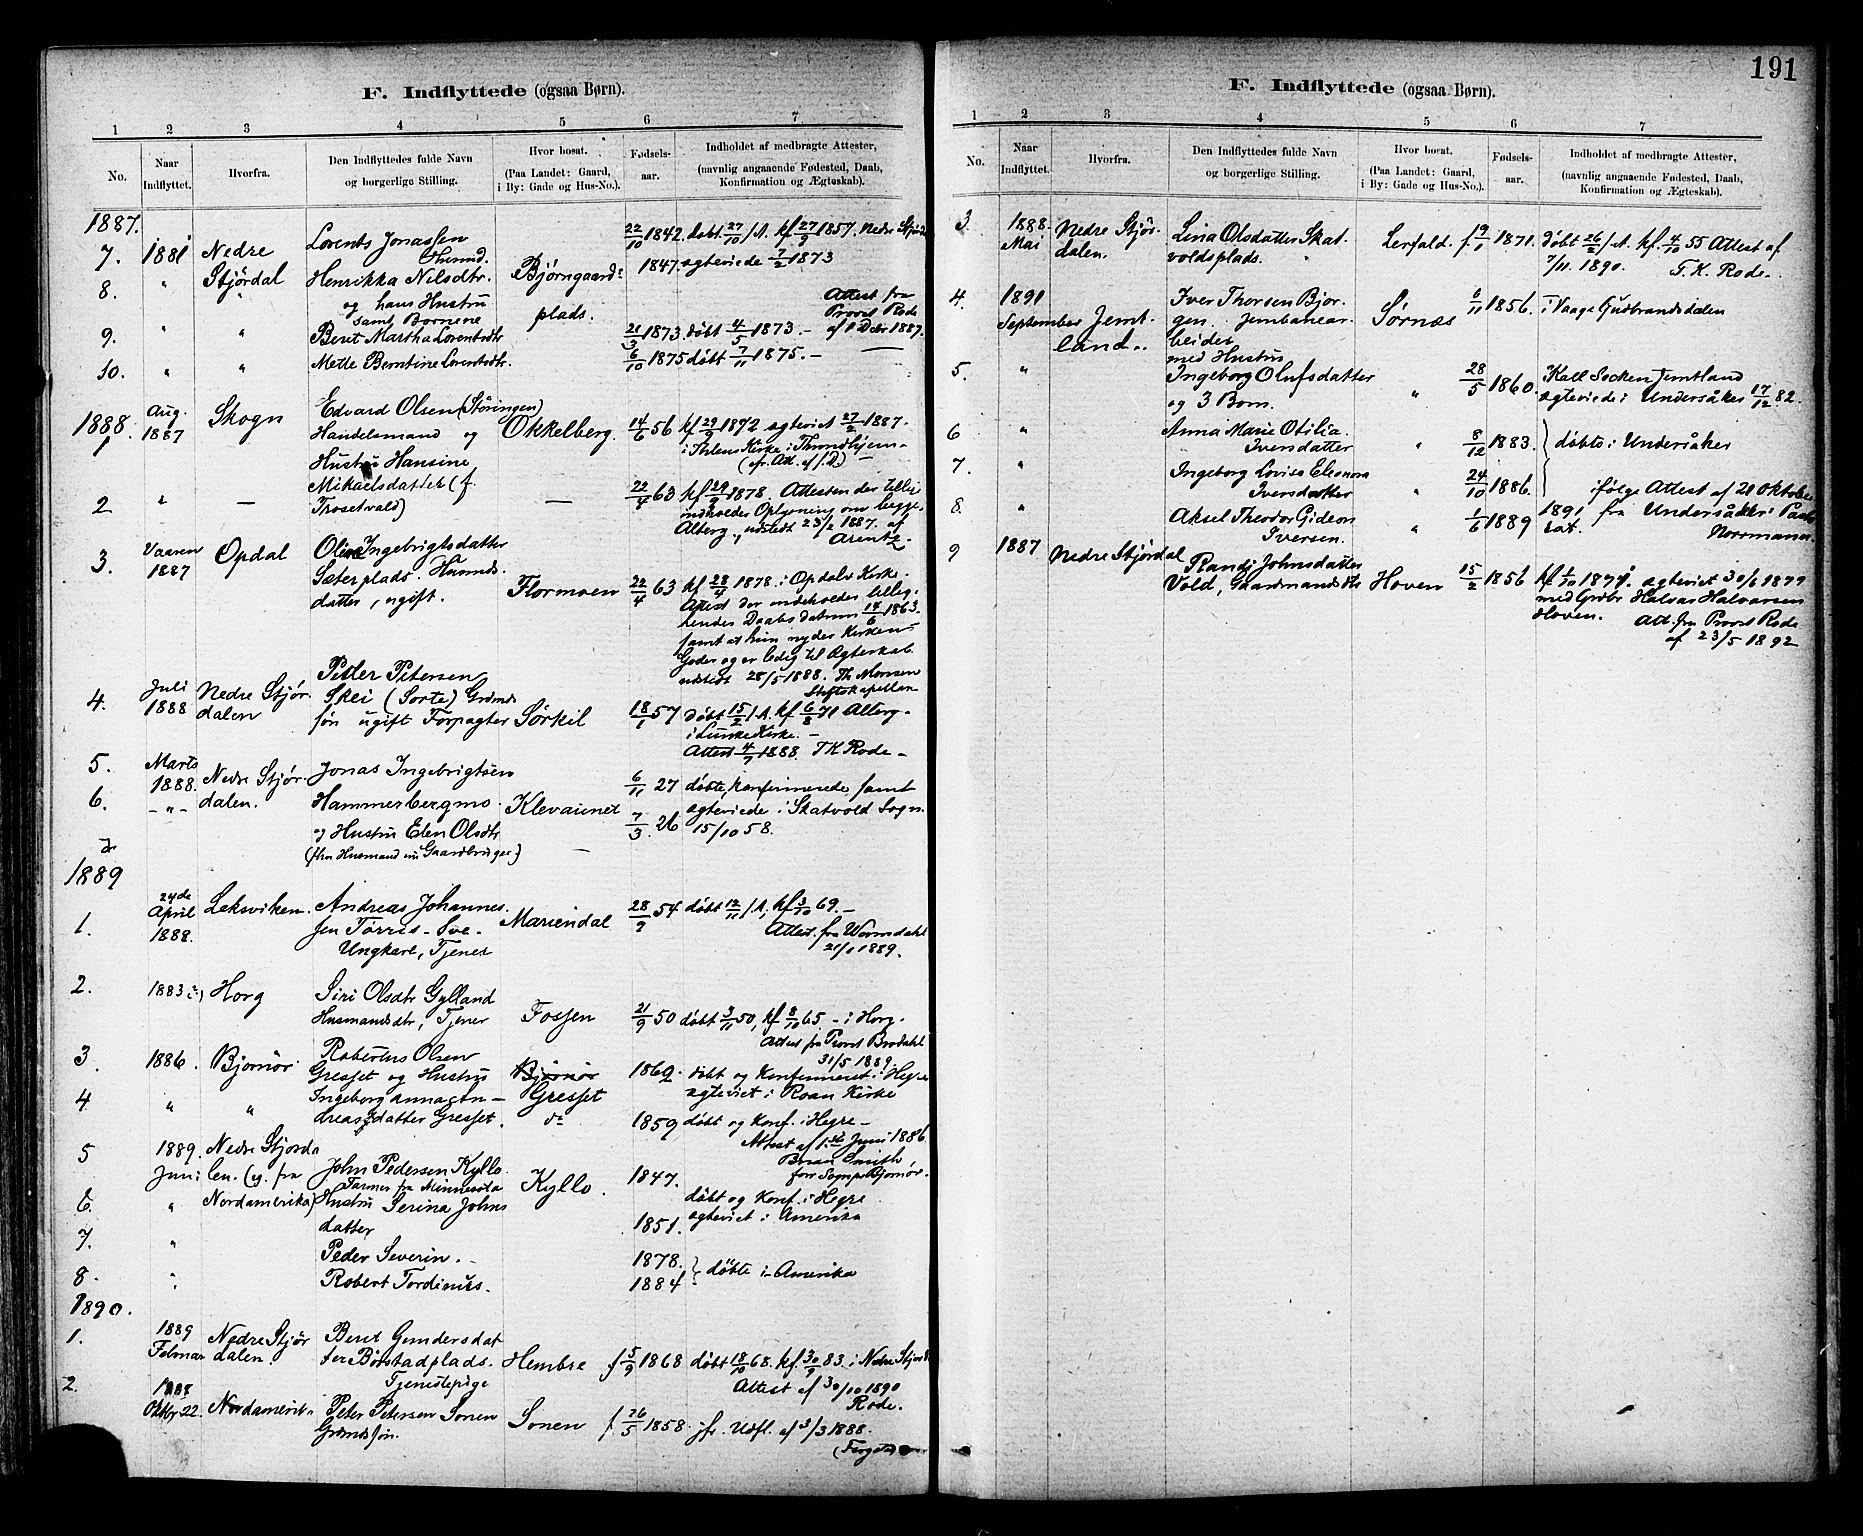 SAT, Ministerialprotokoller, klokkerbøker og fødselsregistre - Nord-Trøndelag, 703/L0030: Parish register (official) no. 703A03, 1880-1892, p. 191